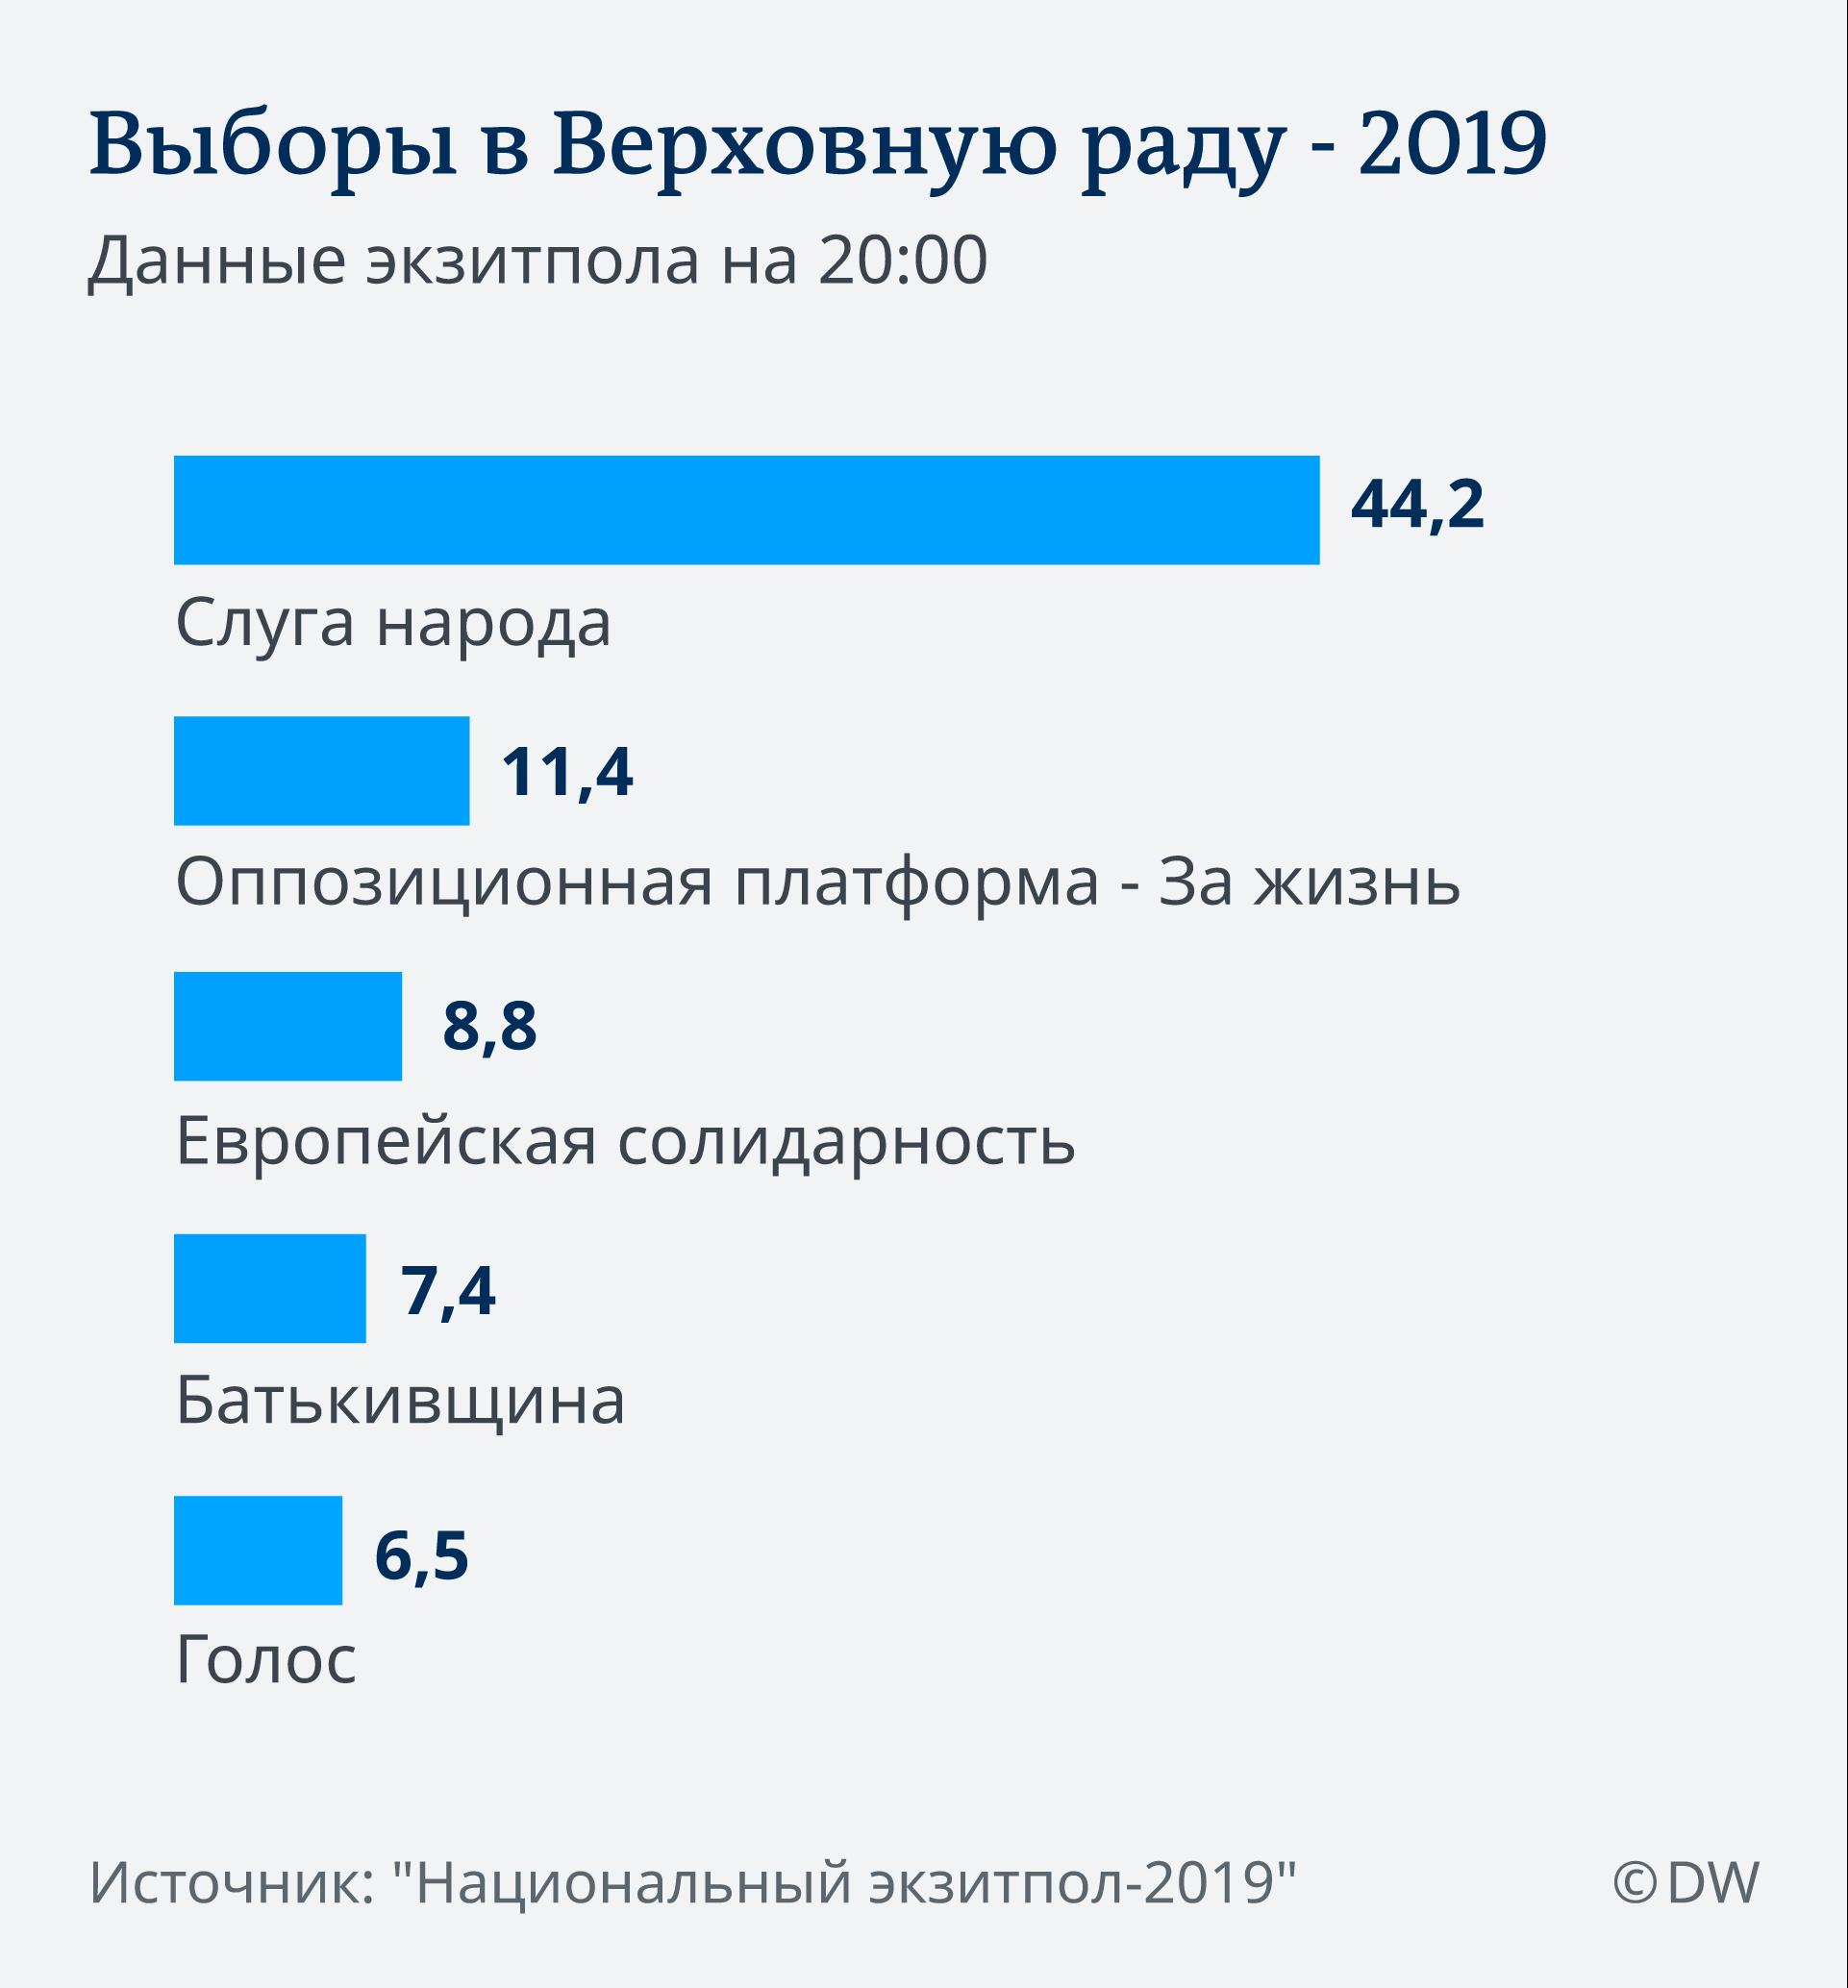 Данные экзитпола на выборах в Верховную раду 2019 года